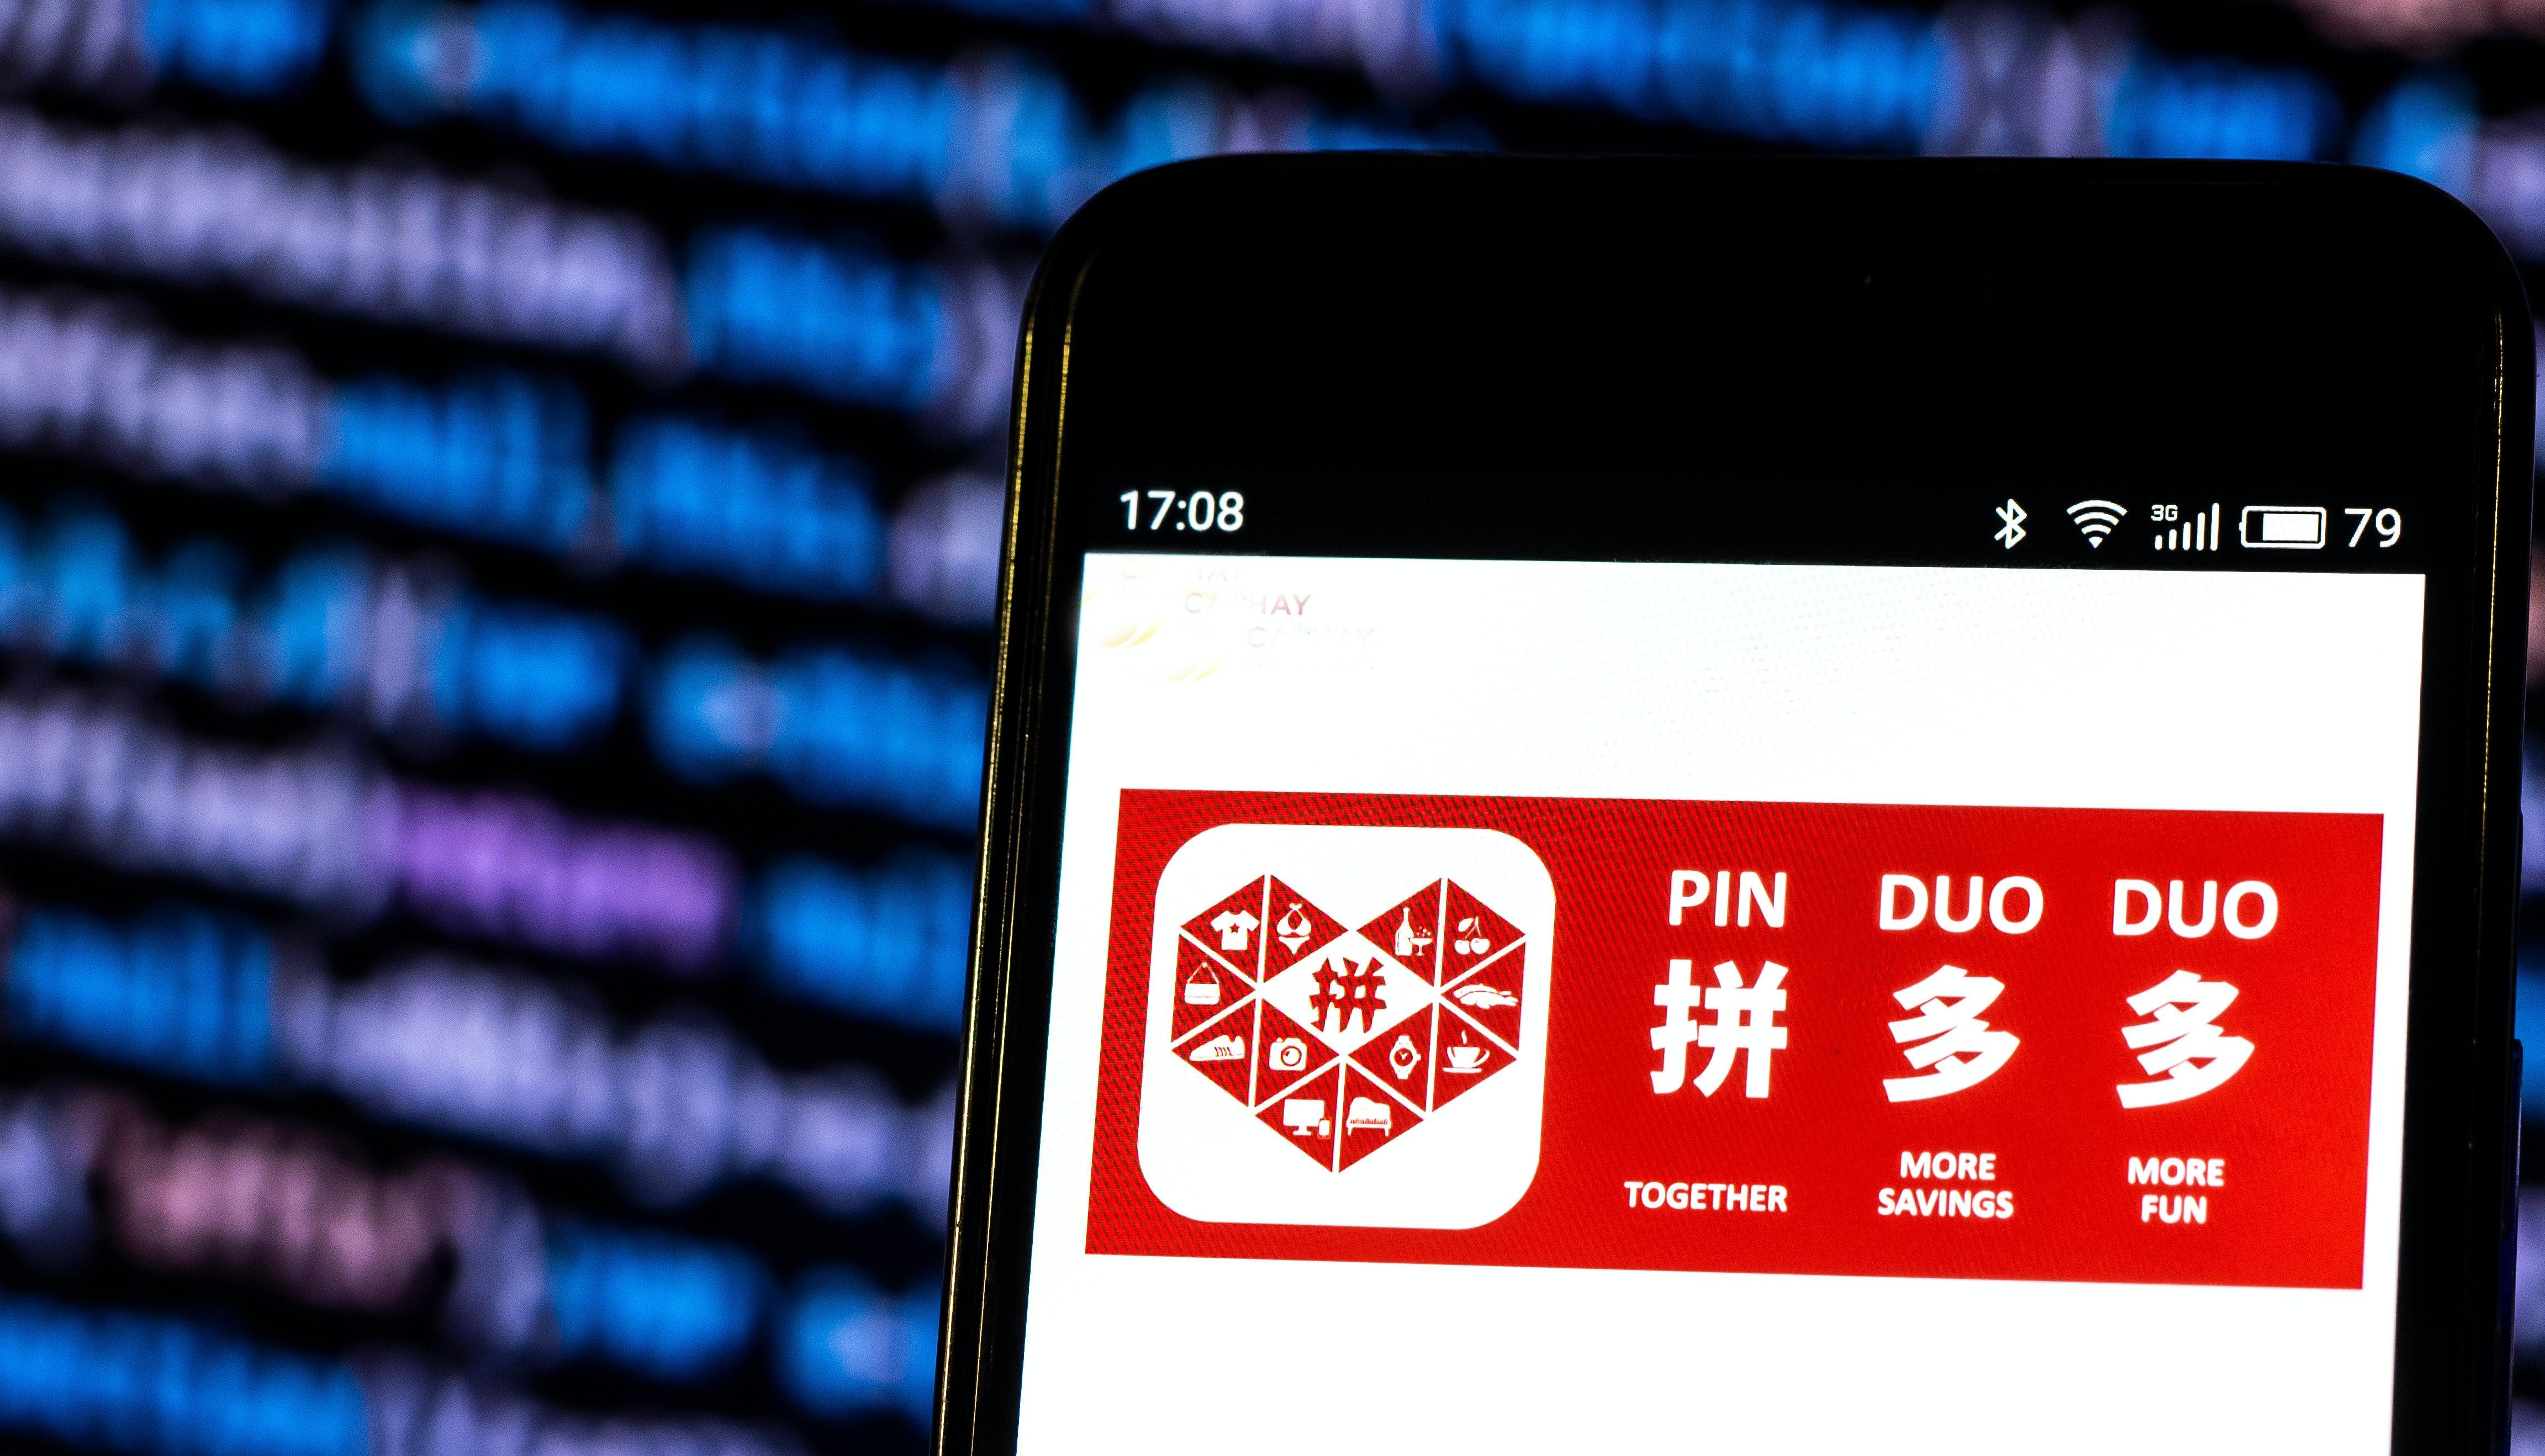 Pinduoduo. Shutterstock.